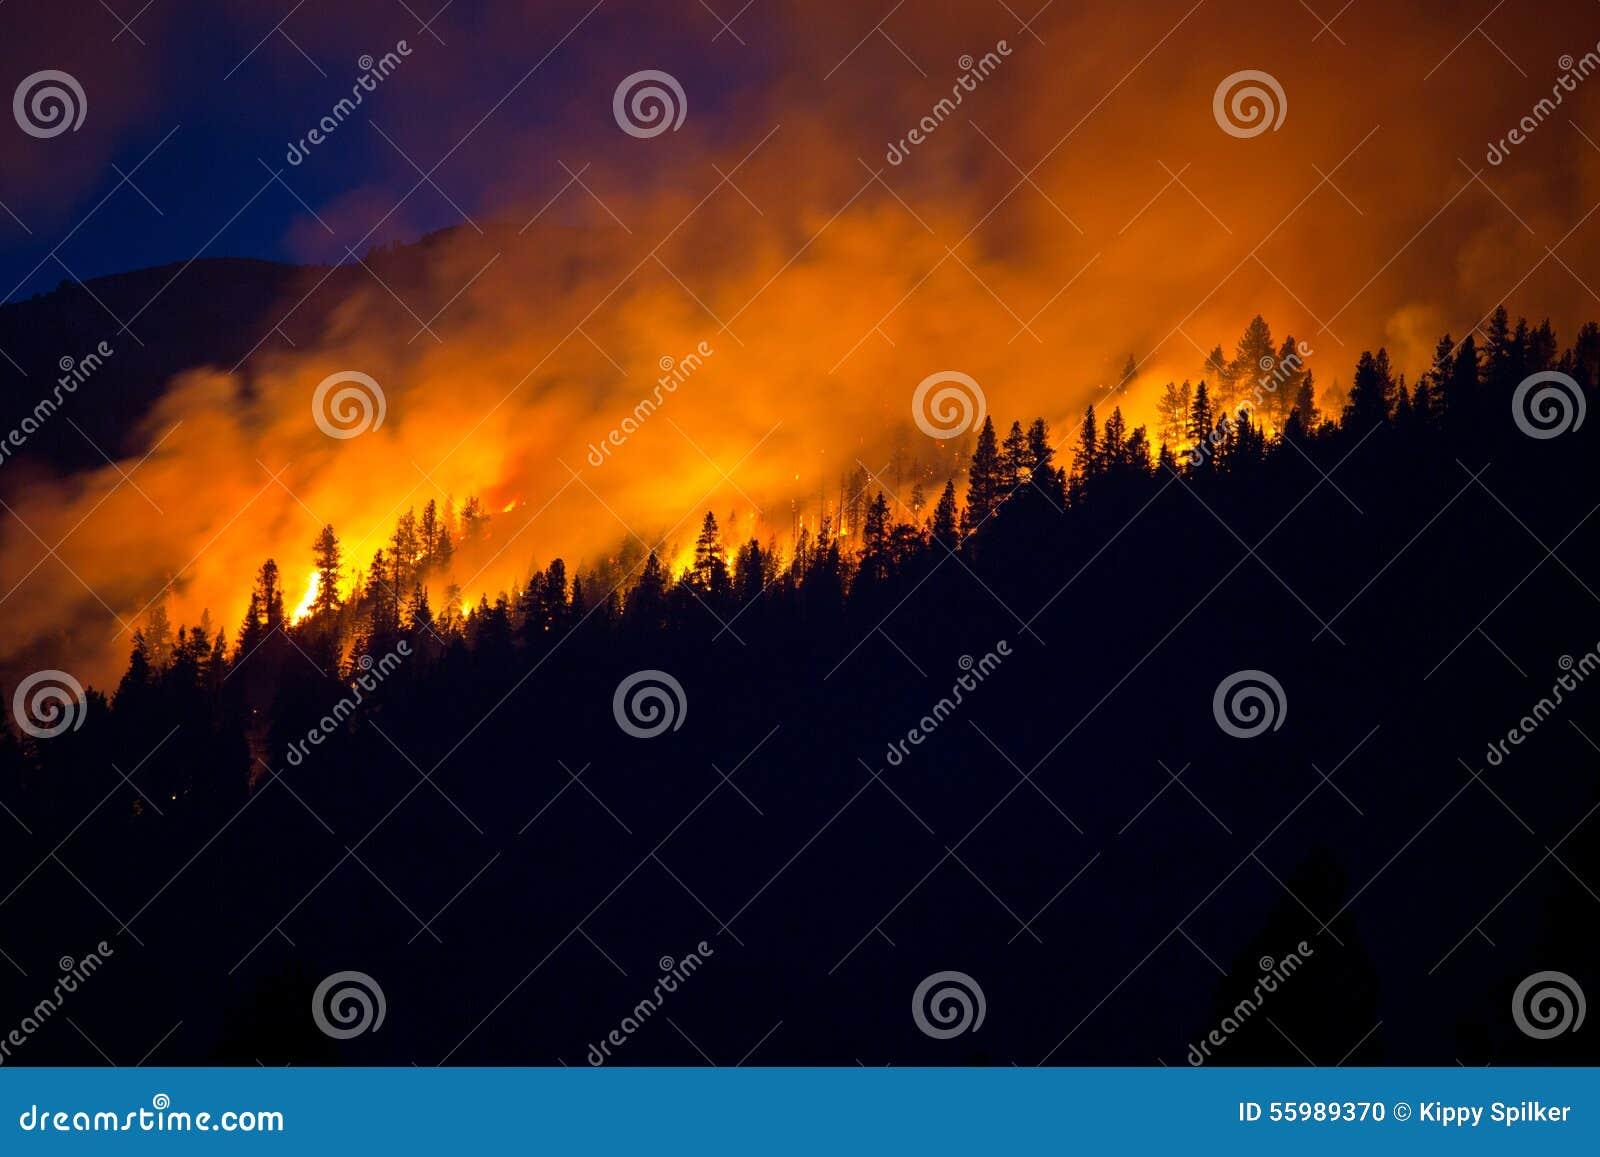 Лесной пожар с синим небом позади